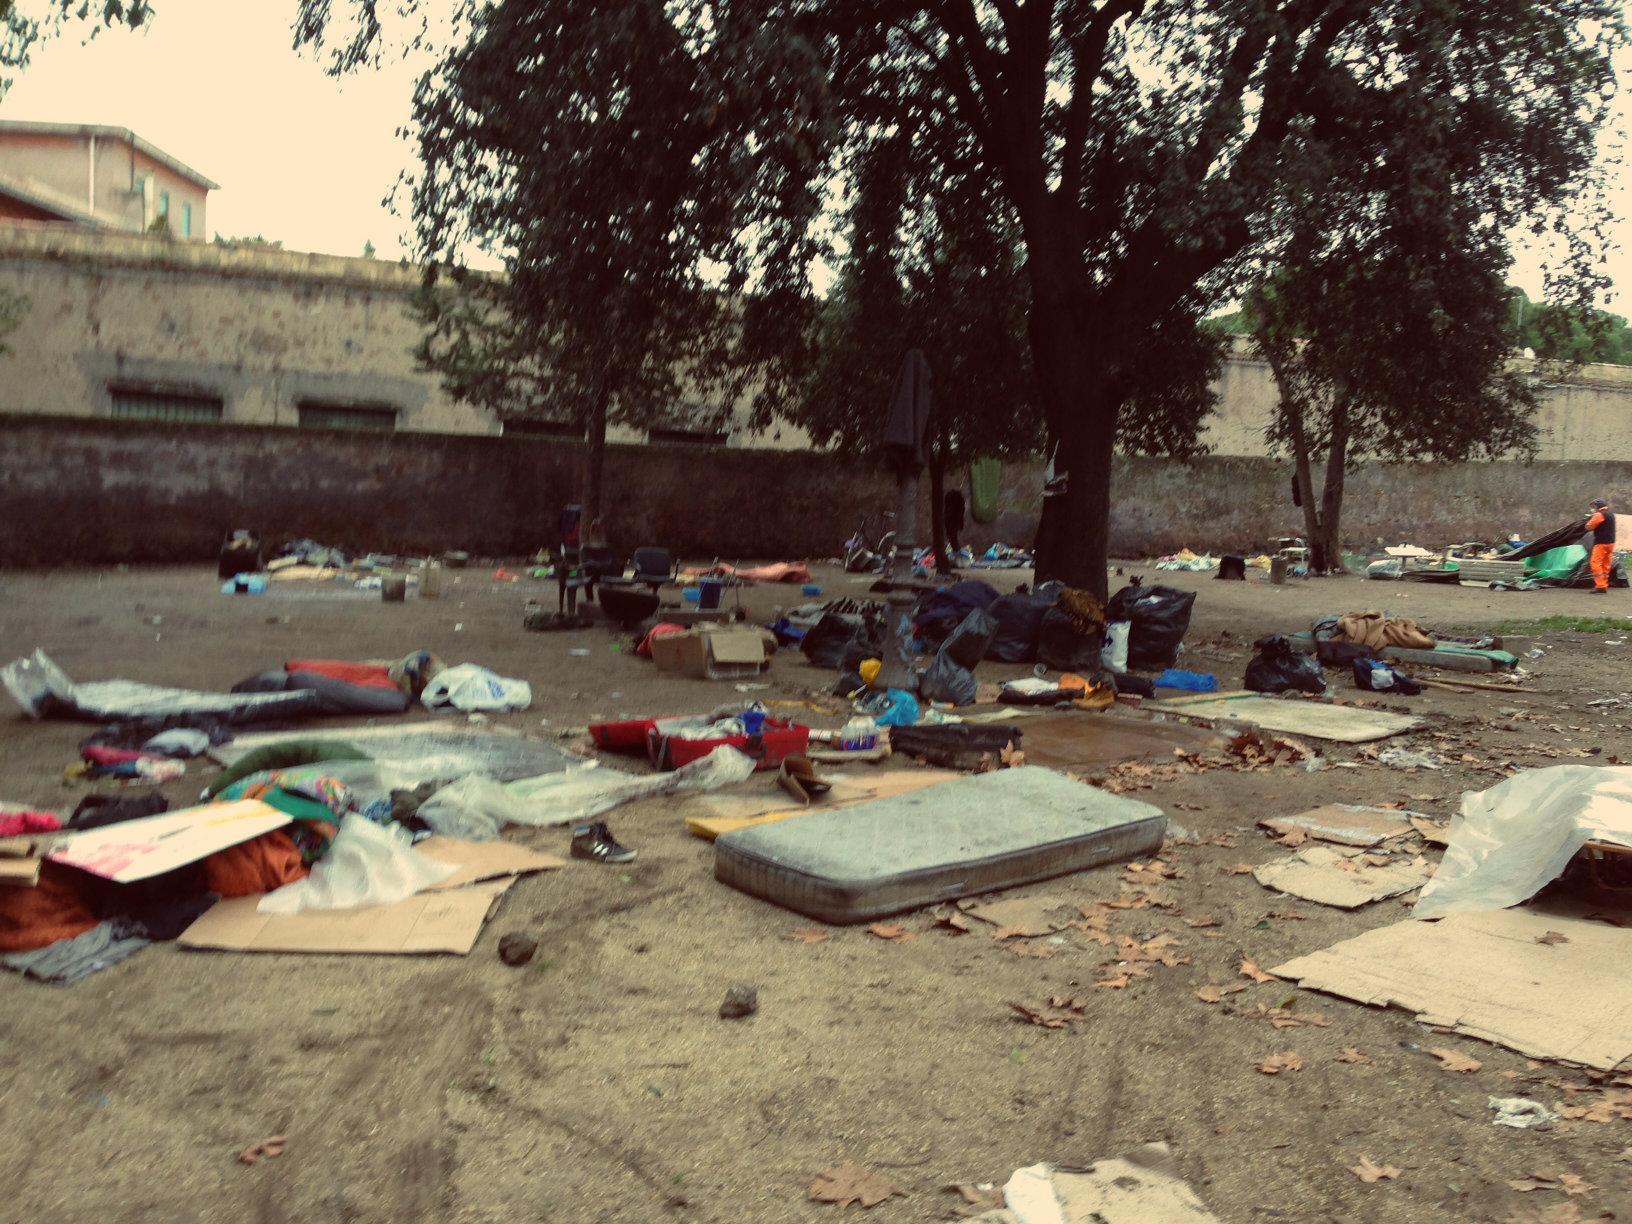 Roma, paura a Colle Oppio per una turista: ivoriano cerca di stuprarla